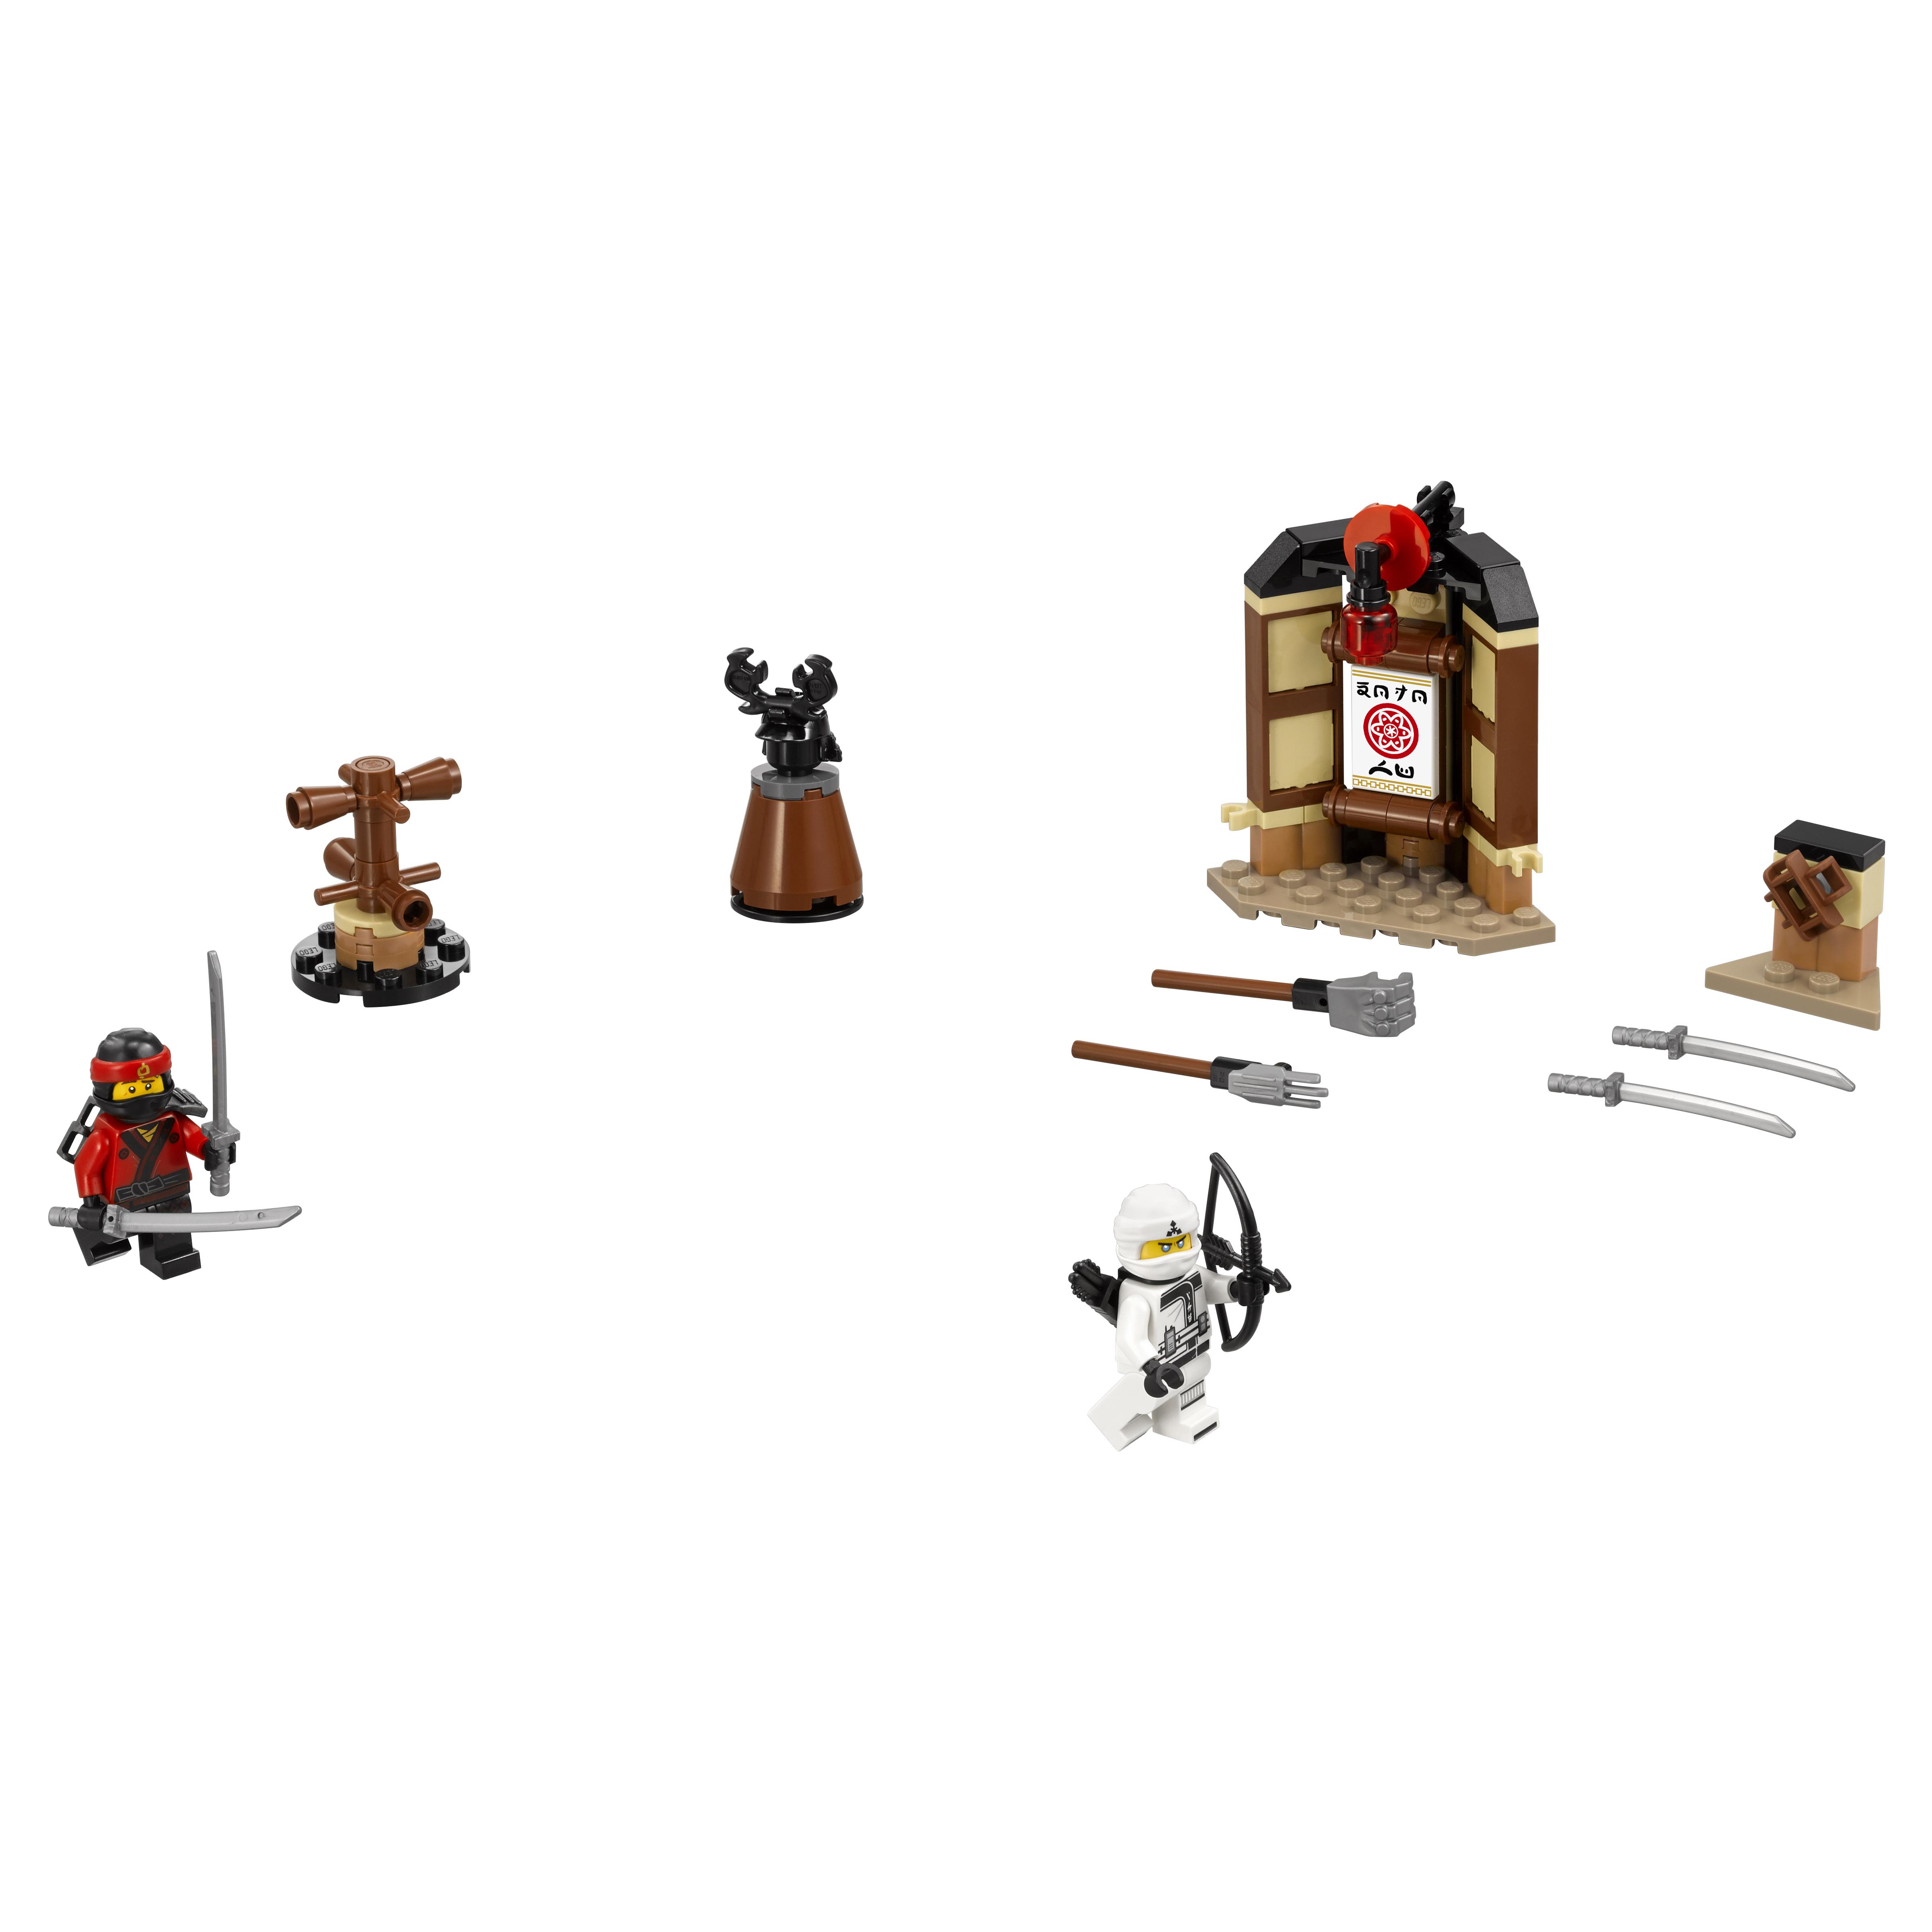 Конструктор LEGO Ninjago Уроки Мастерства Кружитцу (70606) фото